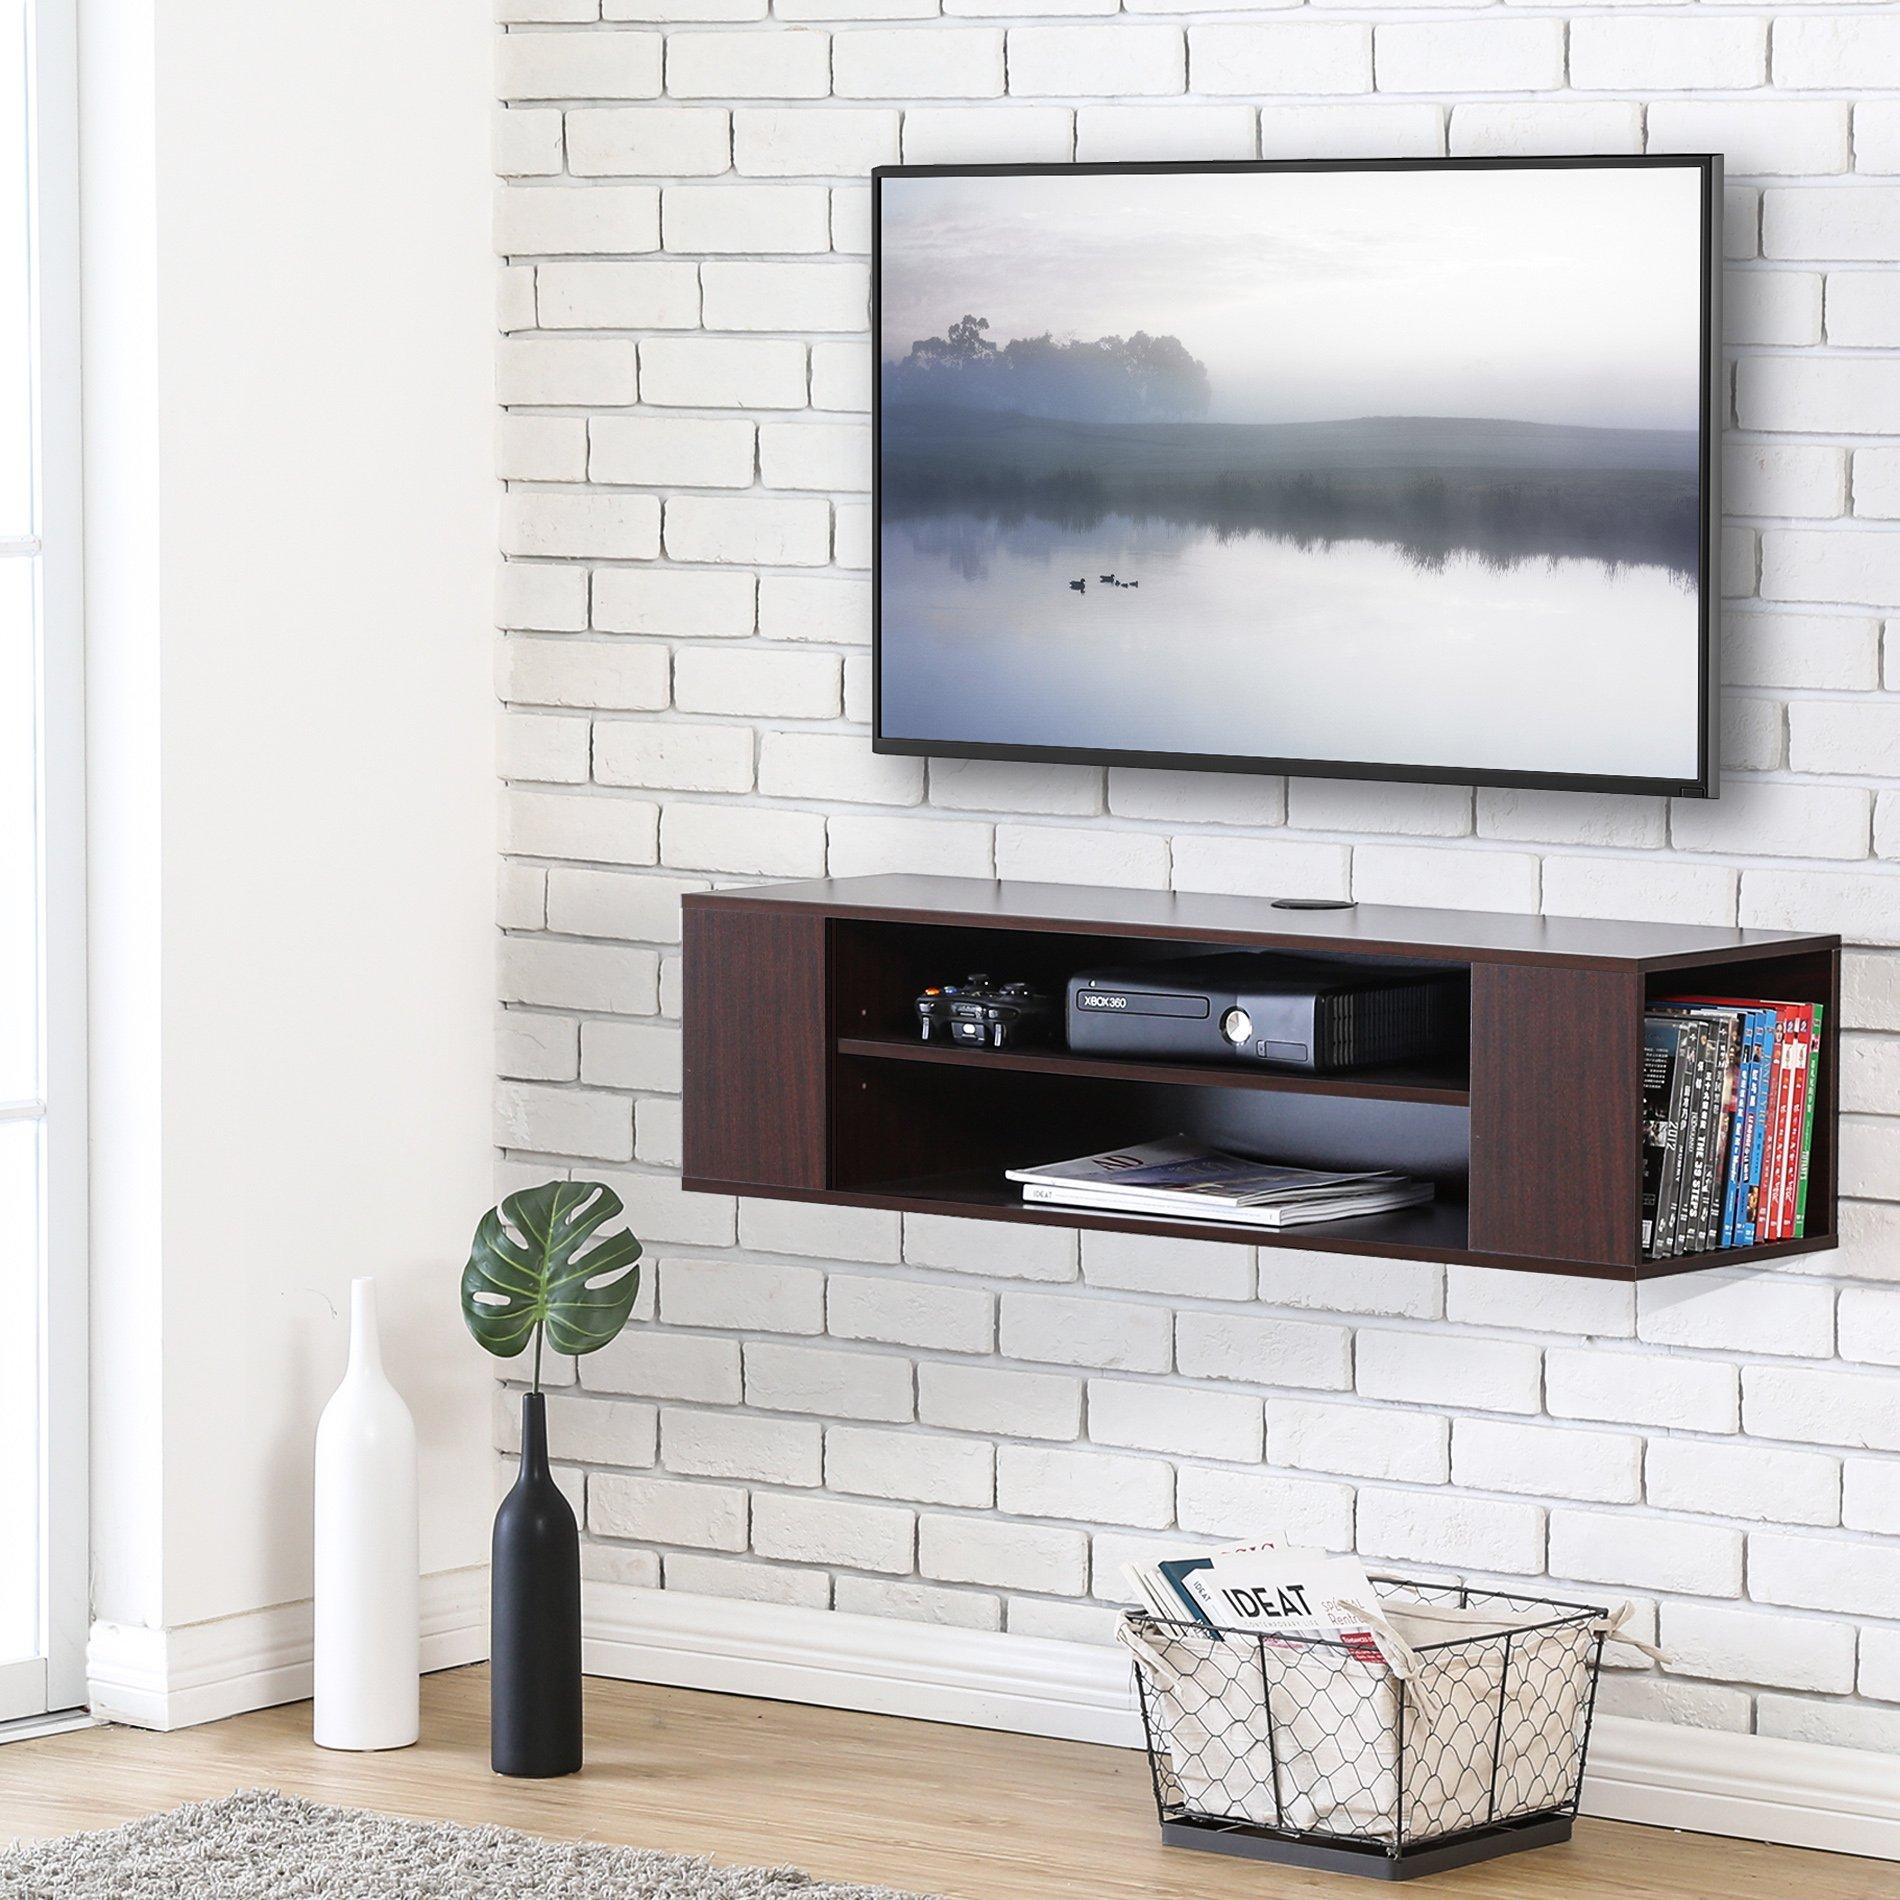 Fitueyes DS210001WB-G Wall Mounted Media Console Shelf, Walnut